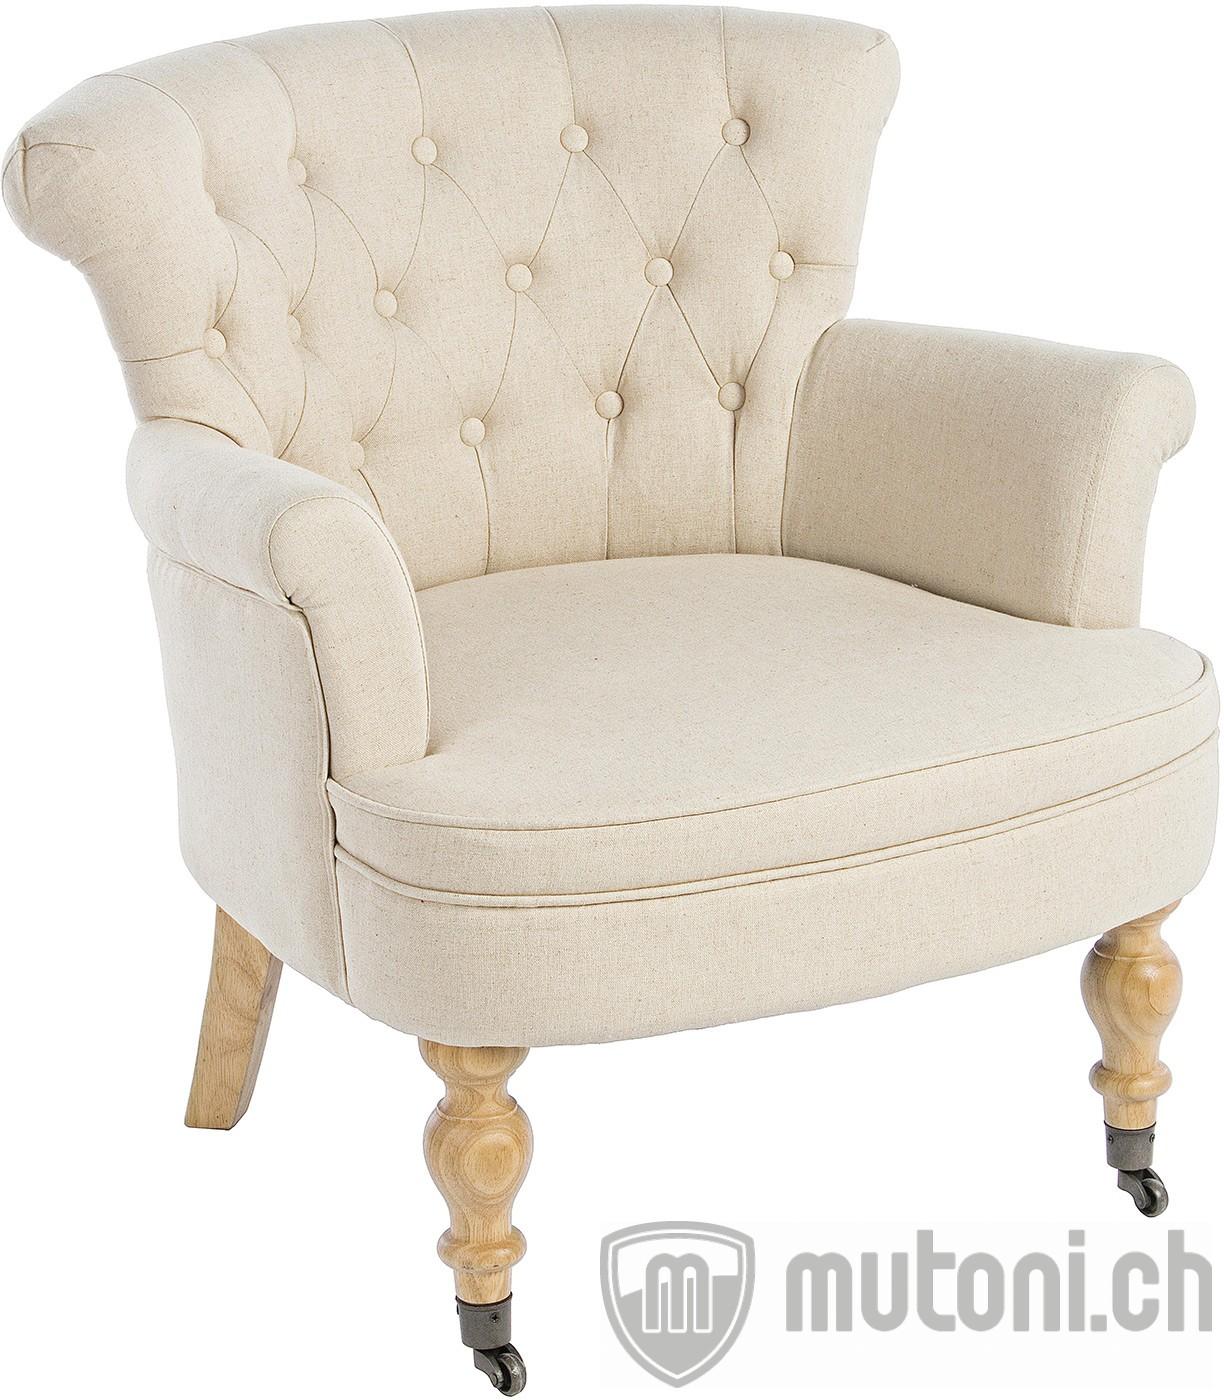 Sessel arlette vintage 2246 beige mutoni lifestyle for Wohnzimmer sessel vintage